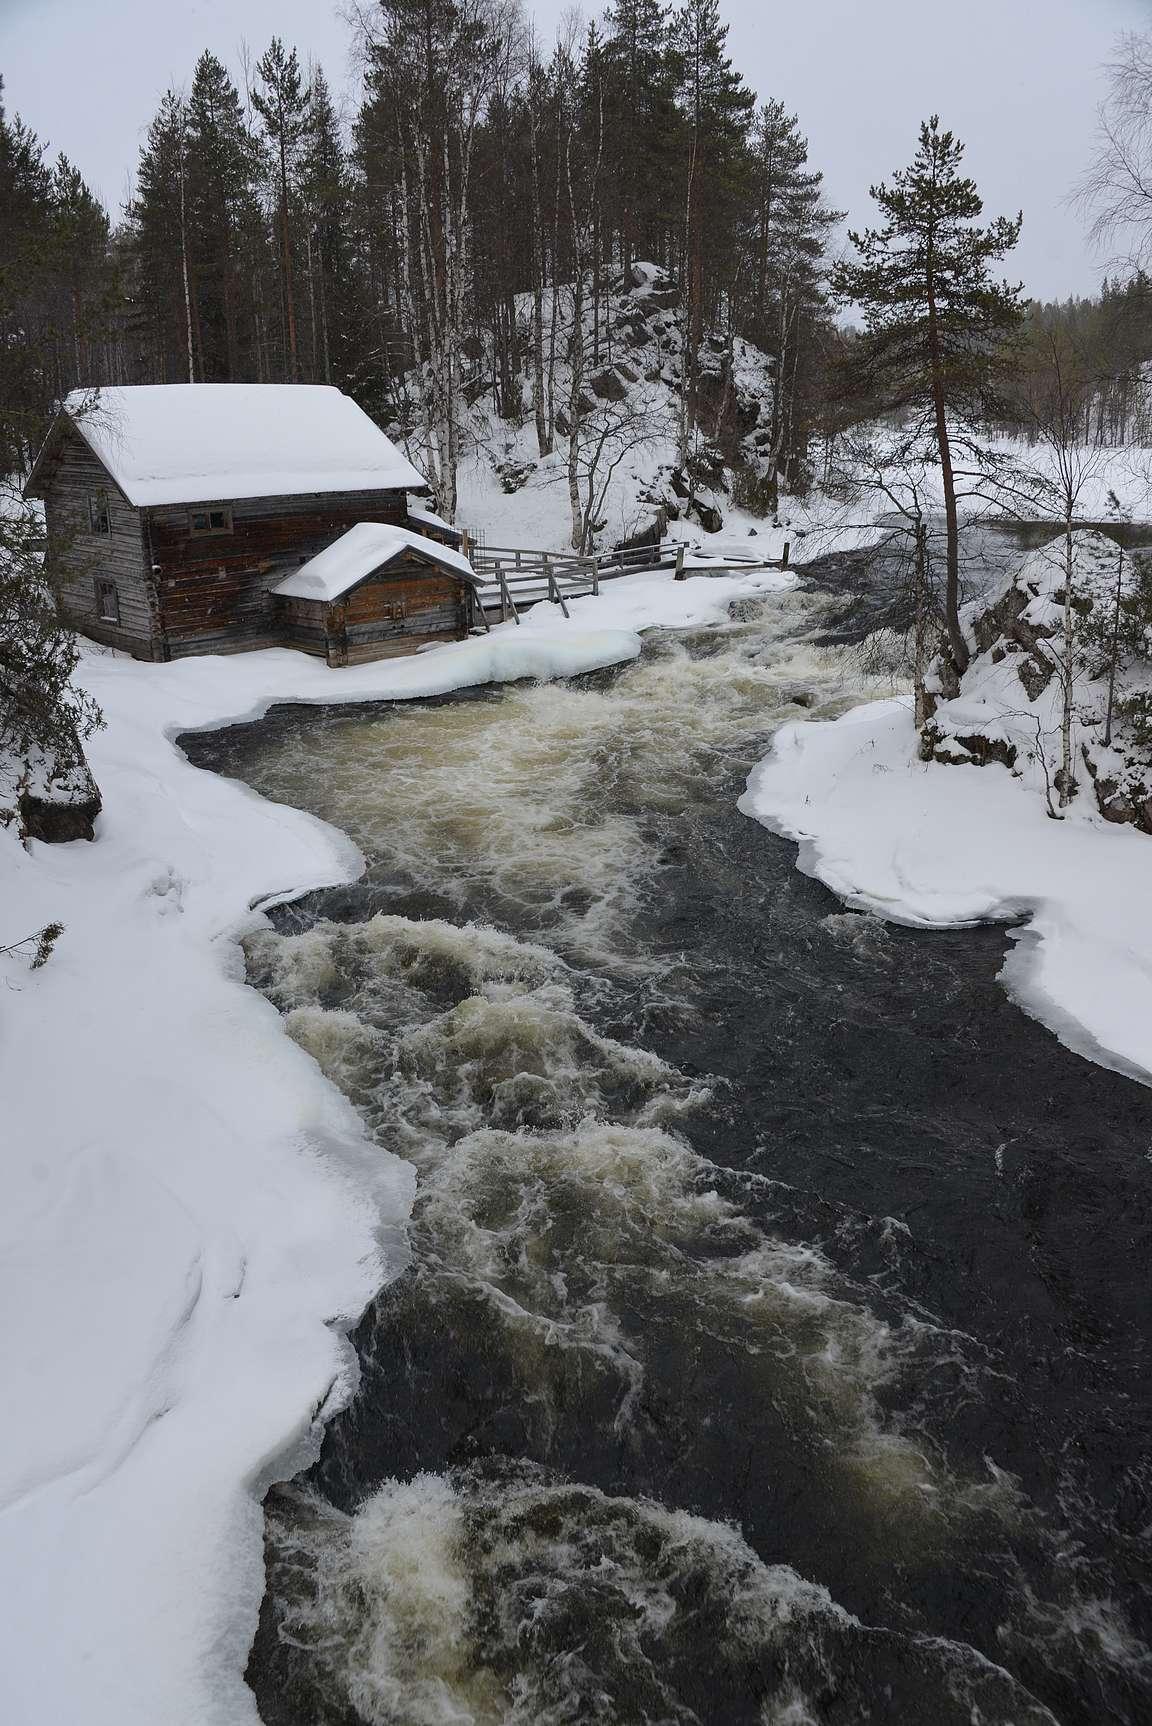 Myllykoski Oulangan kansallispuistossa on upea näky myös talvella.